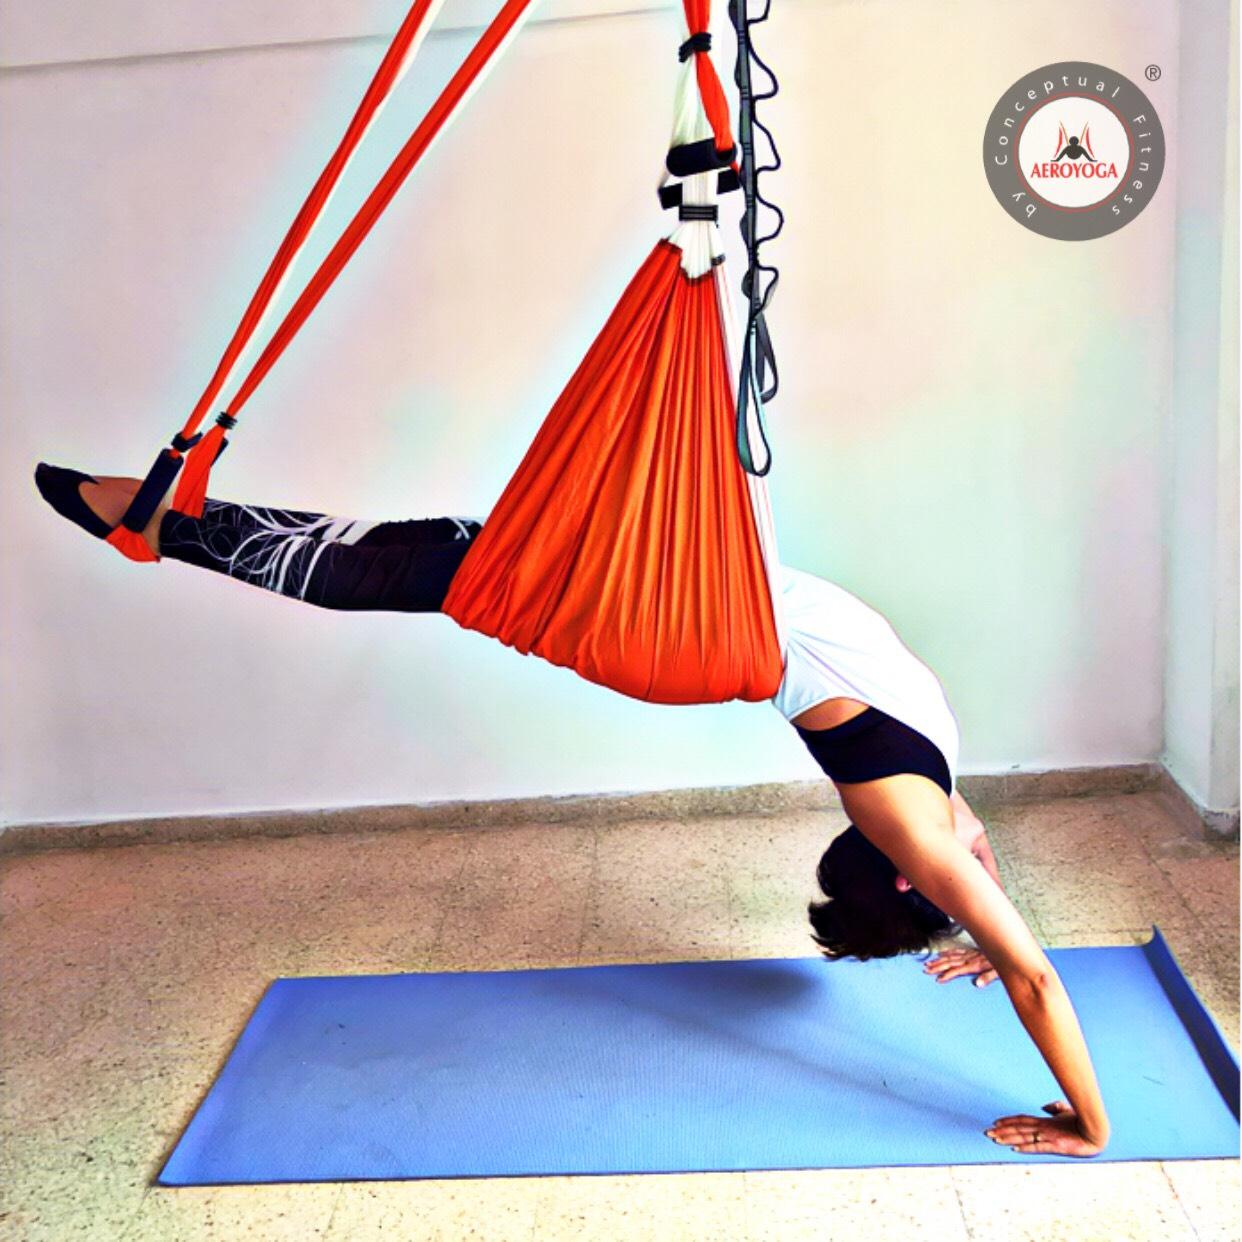 Formación Yoga Aéreo: Descubre la Postura del Medio Puente de AeroYoga ® para Fortalecer Espalda con Rafael Martinez, Vídeo!